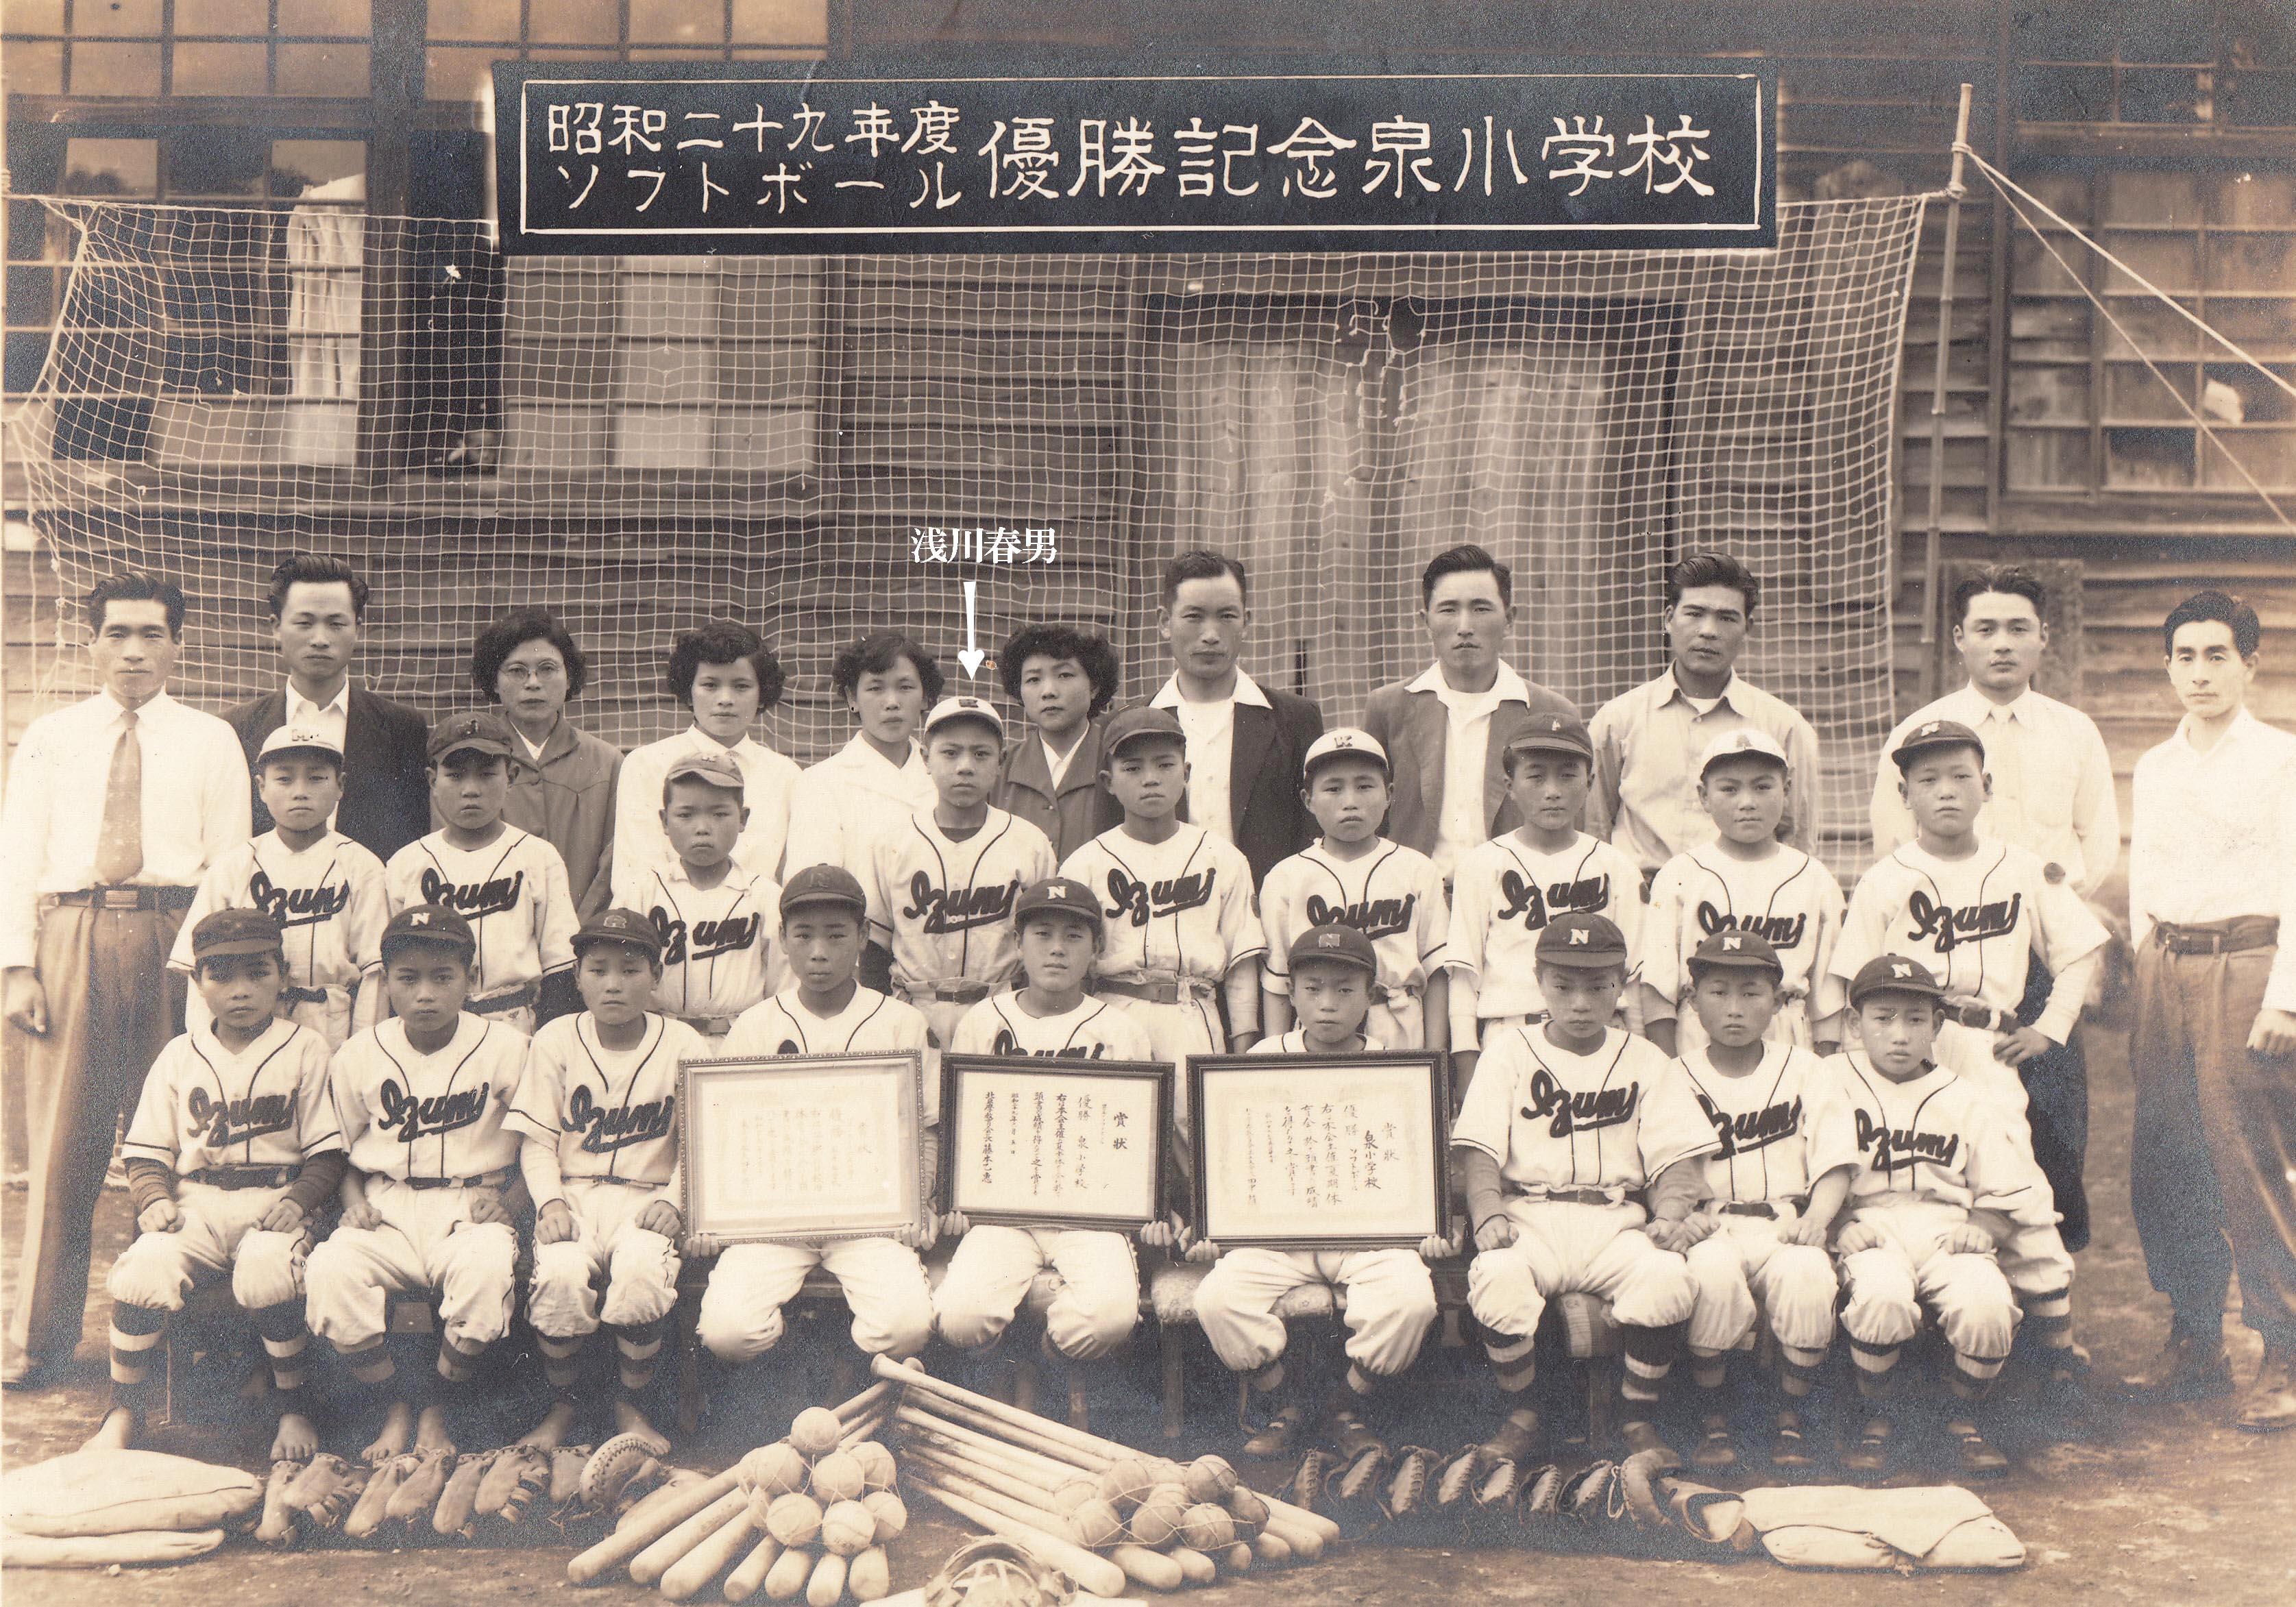 2. 小学校軟式野球部 (1954年)